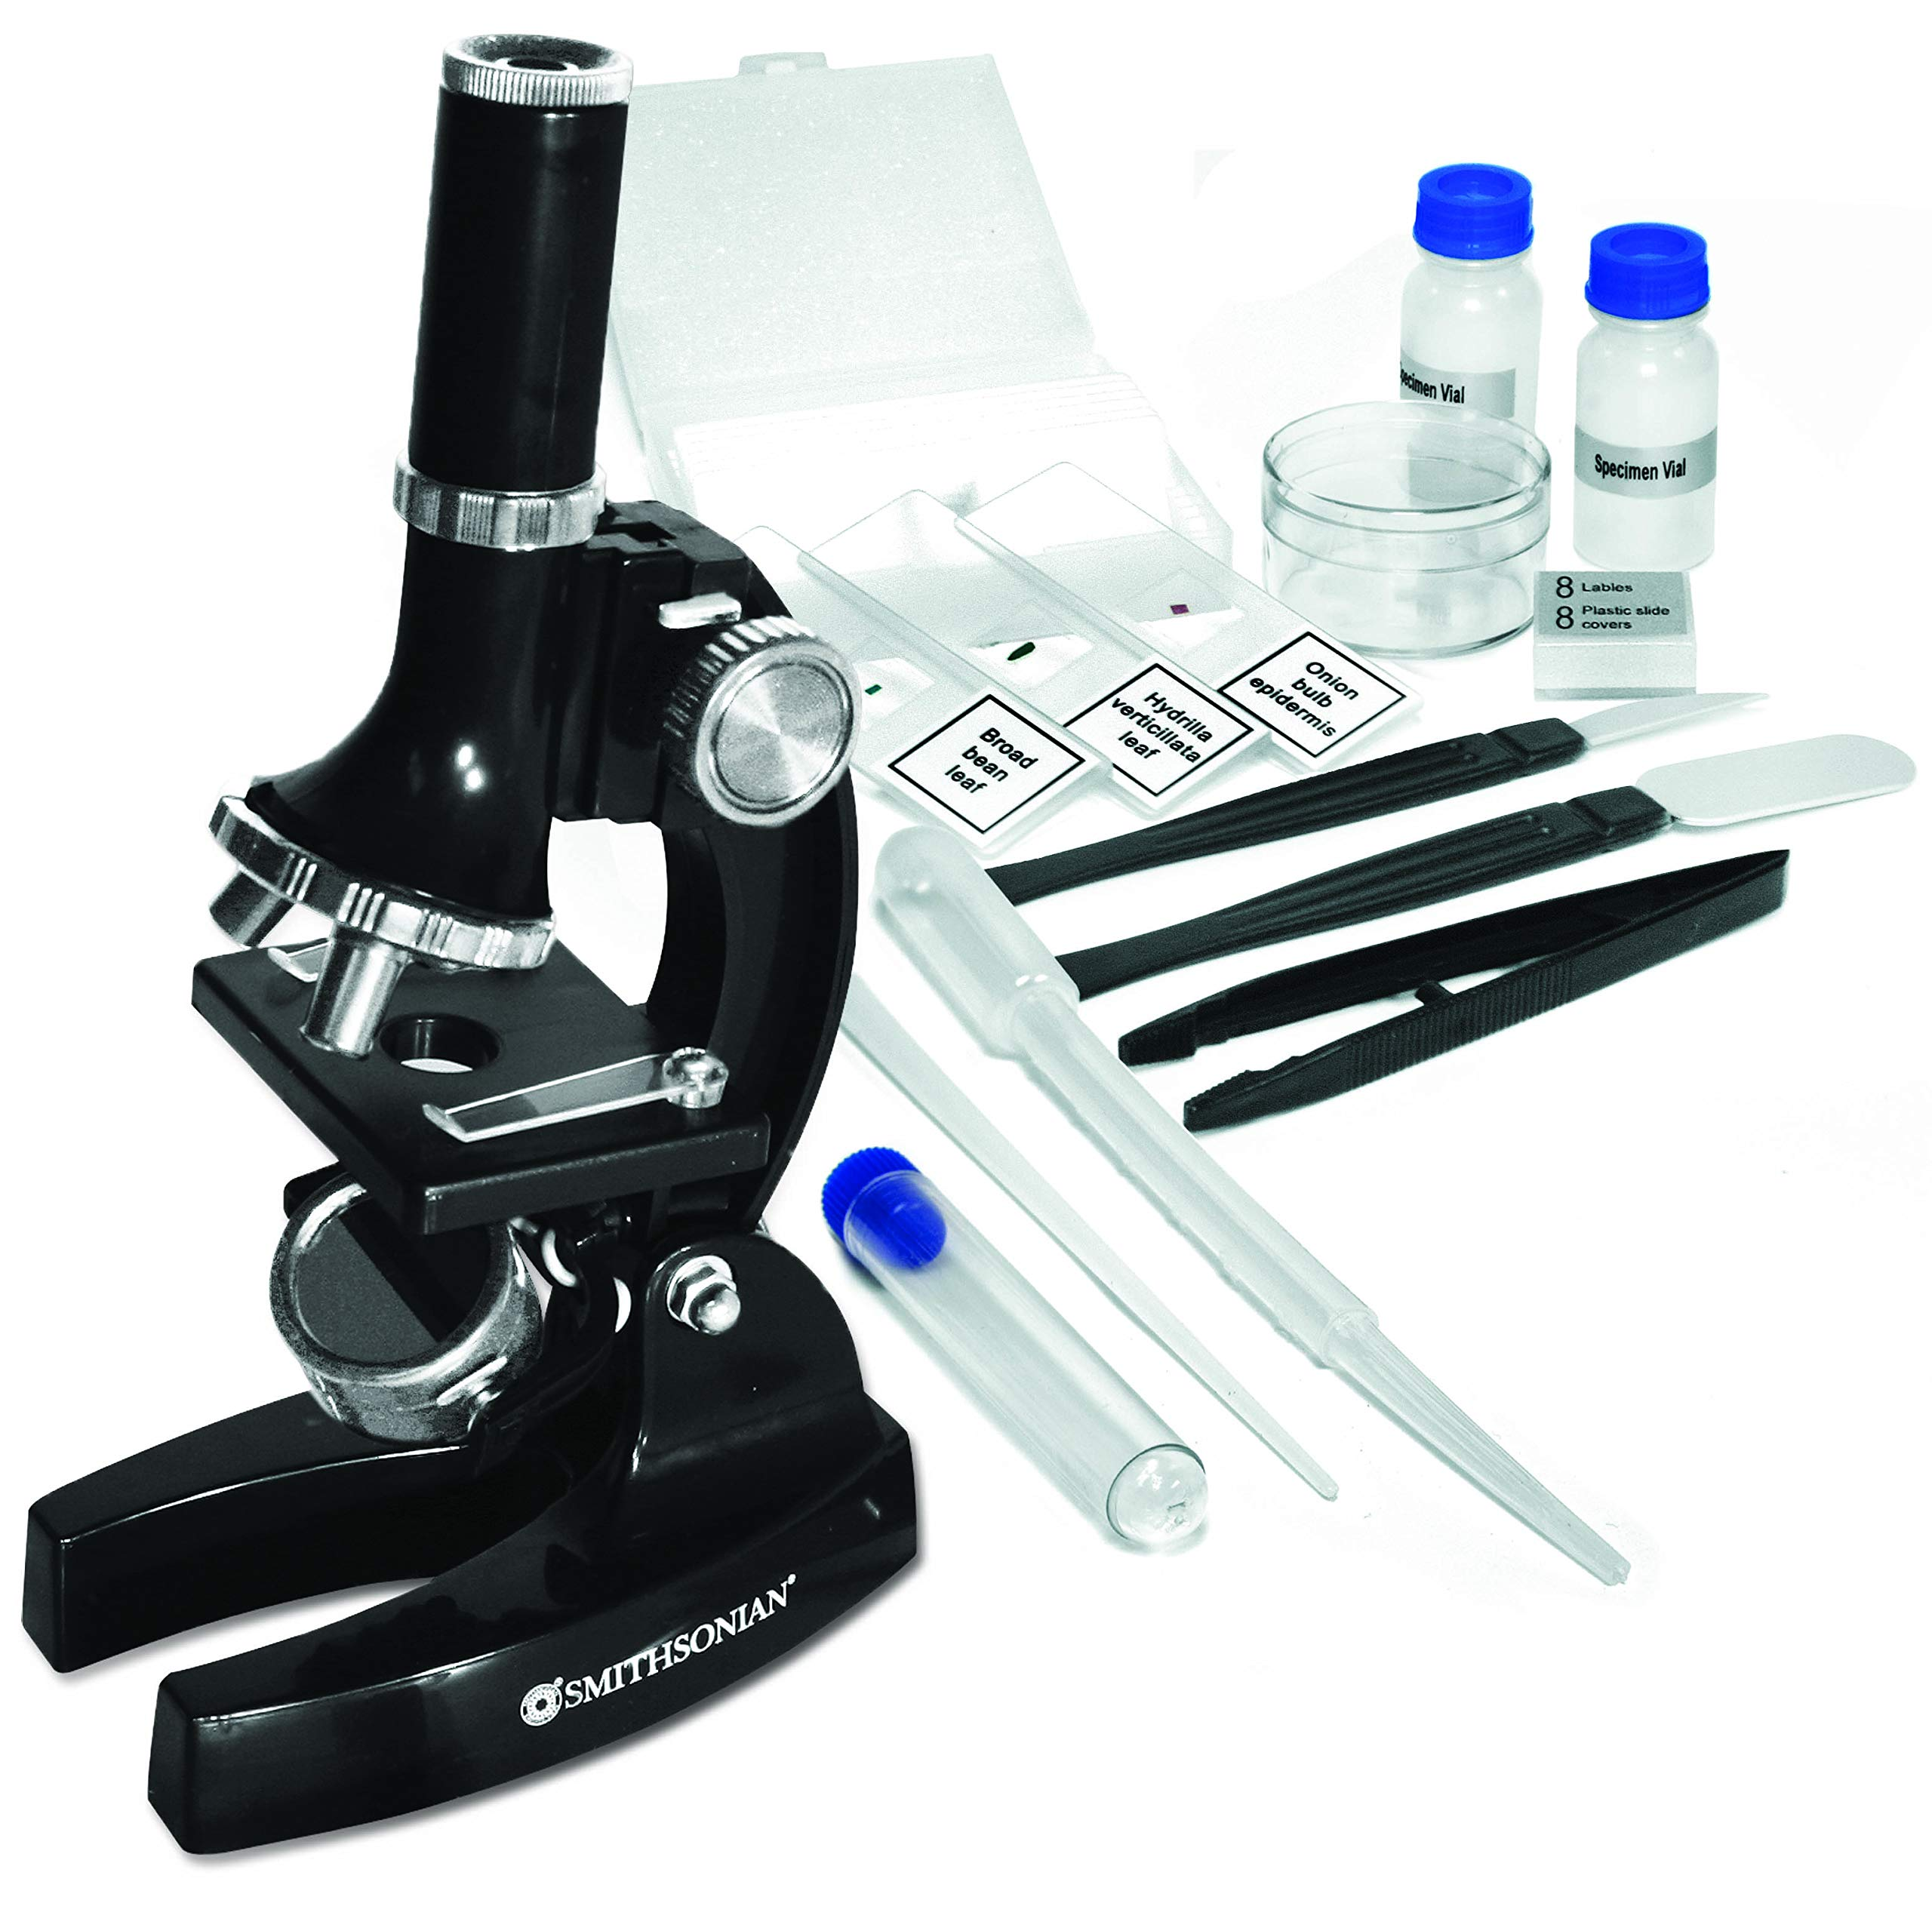 SmithsonianNSI 150x/450x/900x Microscope Kit by Smithsonian